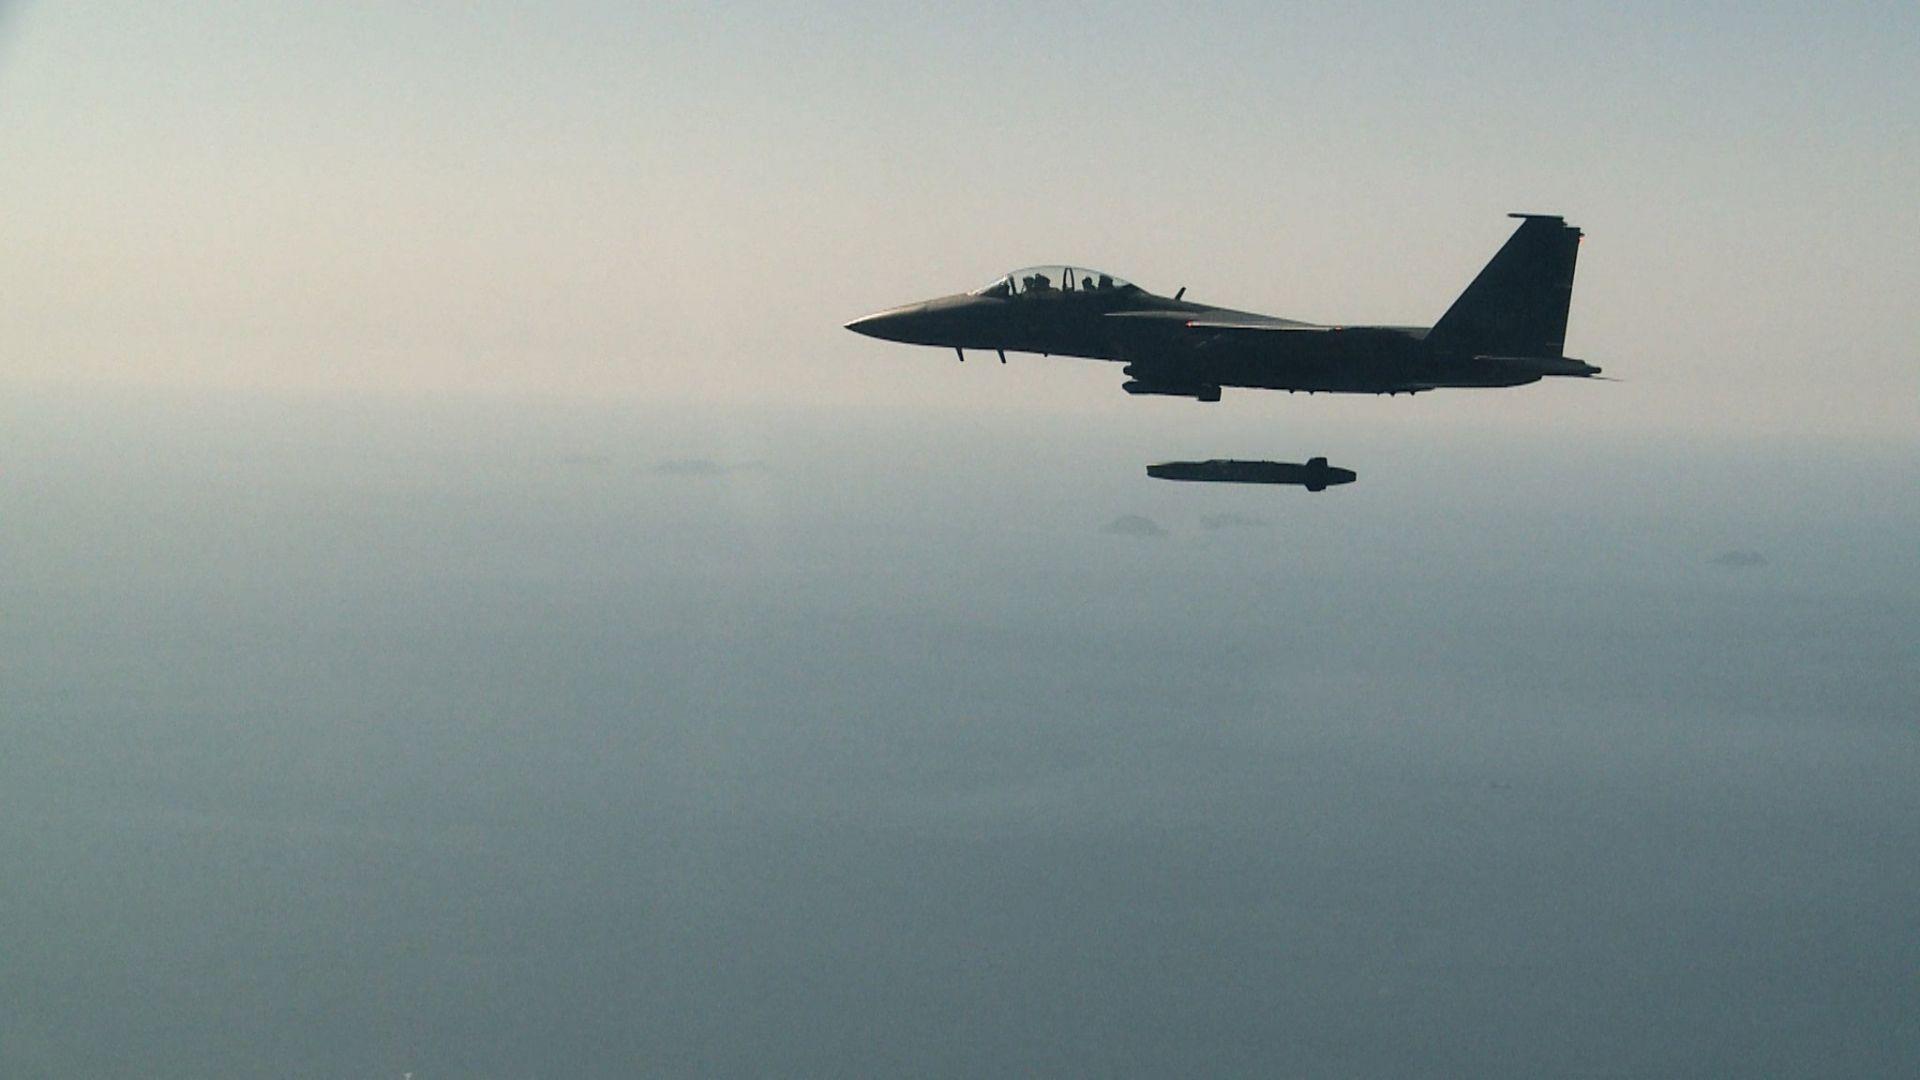 Un caza F-15K con un misil de crucero aire-tierra de largo alcance Taurus sobrevuela Taean en Corea del Sur hoy, 13 de septiembre de 2017.